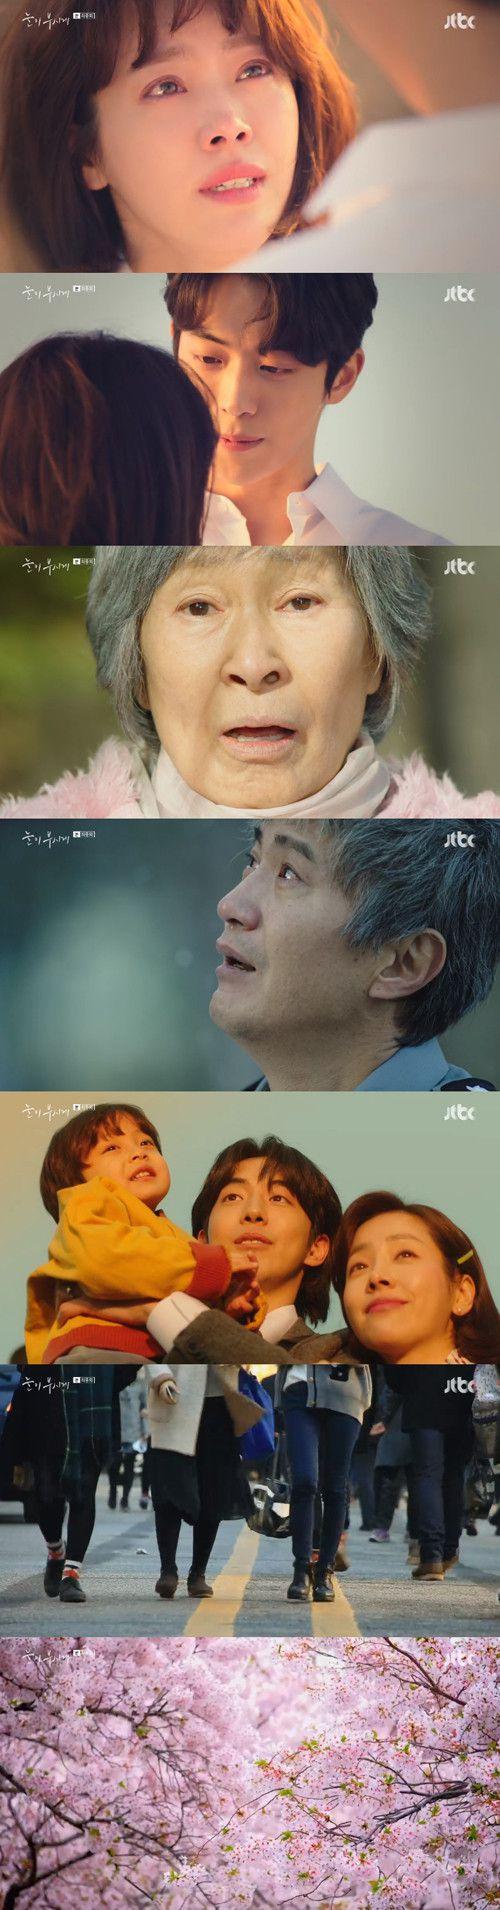 """Kết phim """"Dazzling"""" được netizen Hàn khen rằng """"quá hay và xuất sắc"""" 5"""